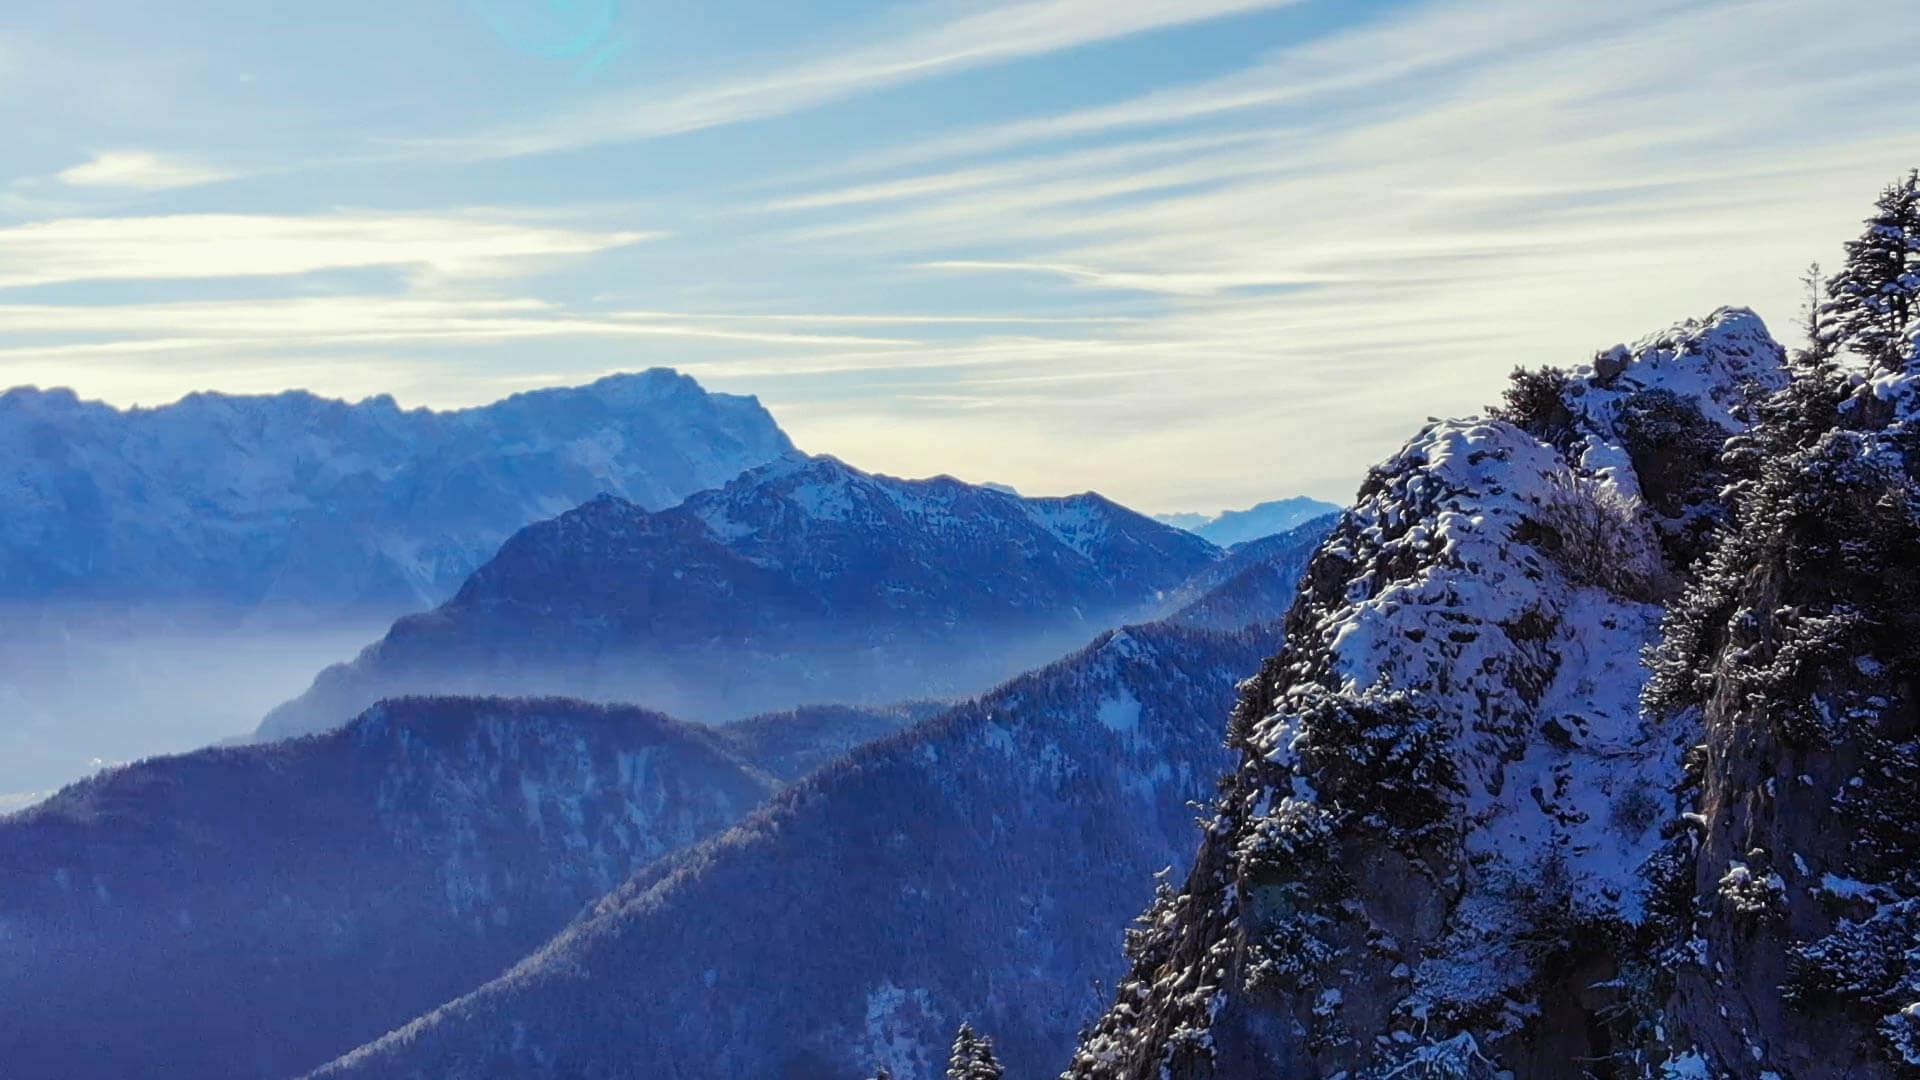 Der Berggipfel des Ettaler Mandel mit Bergen im Hintegrund